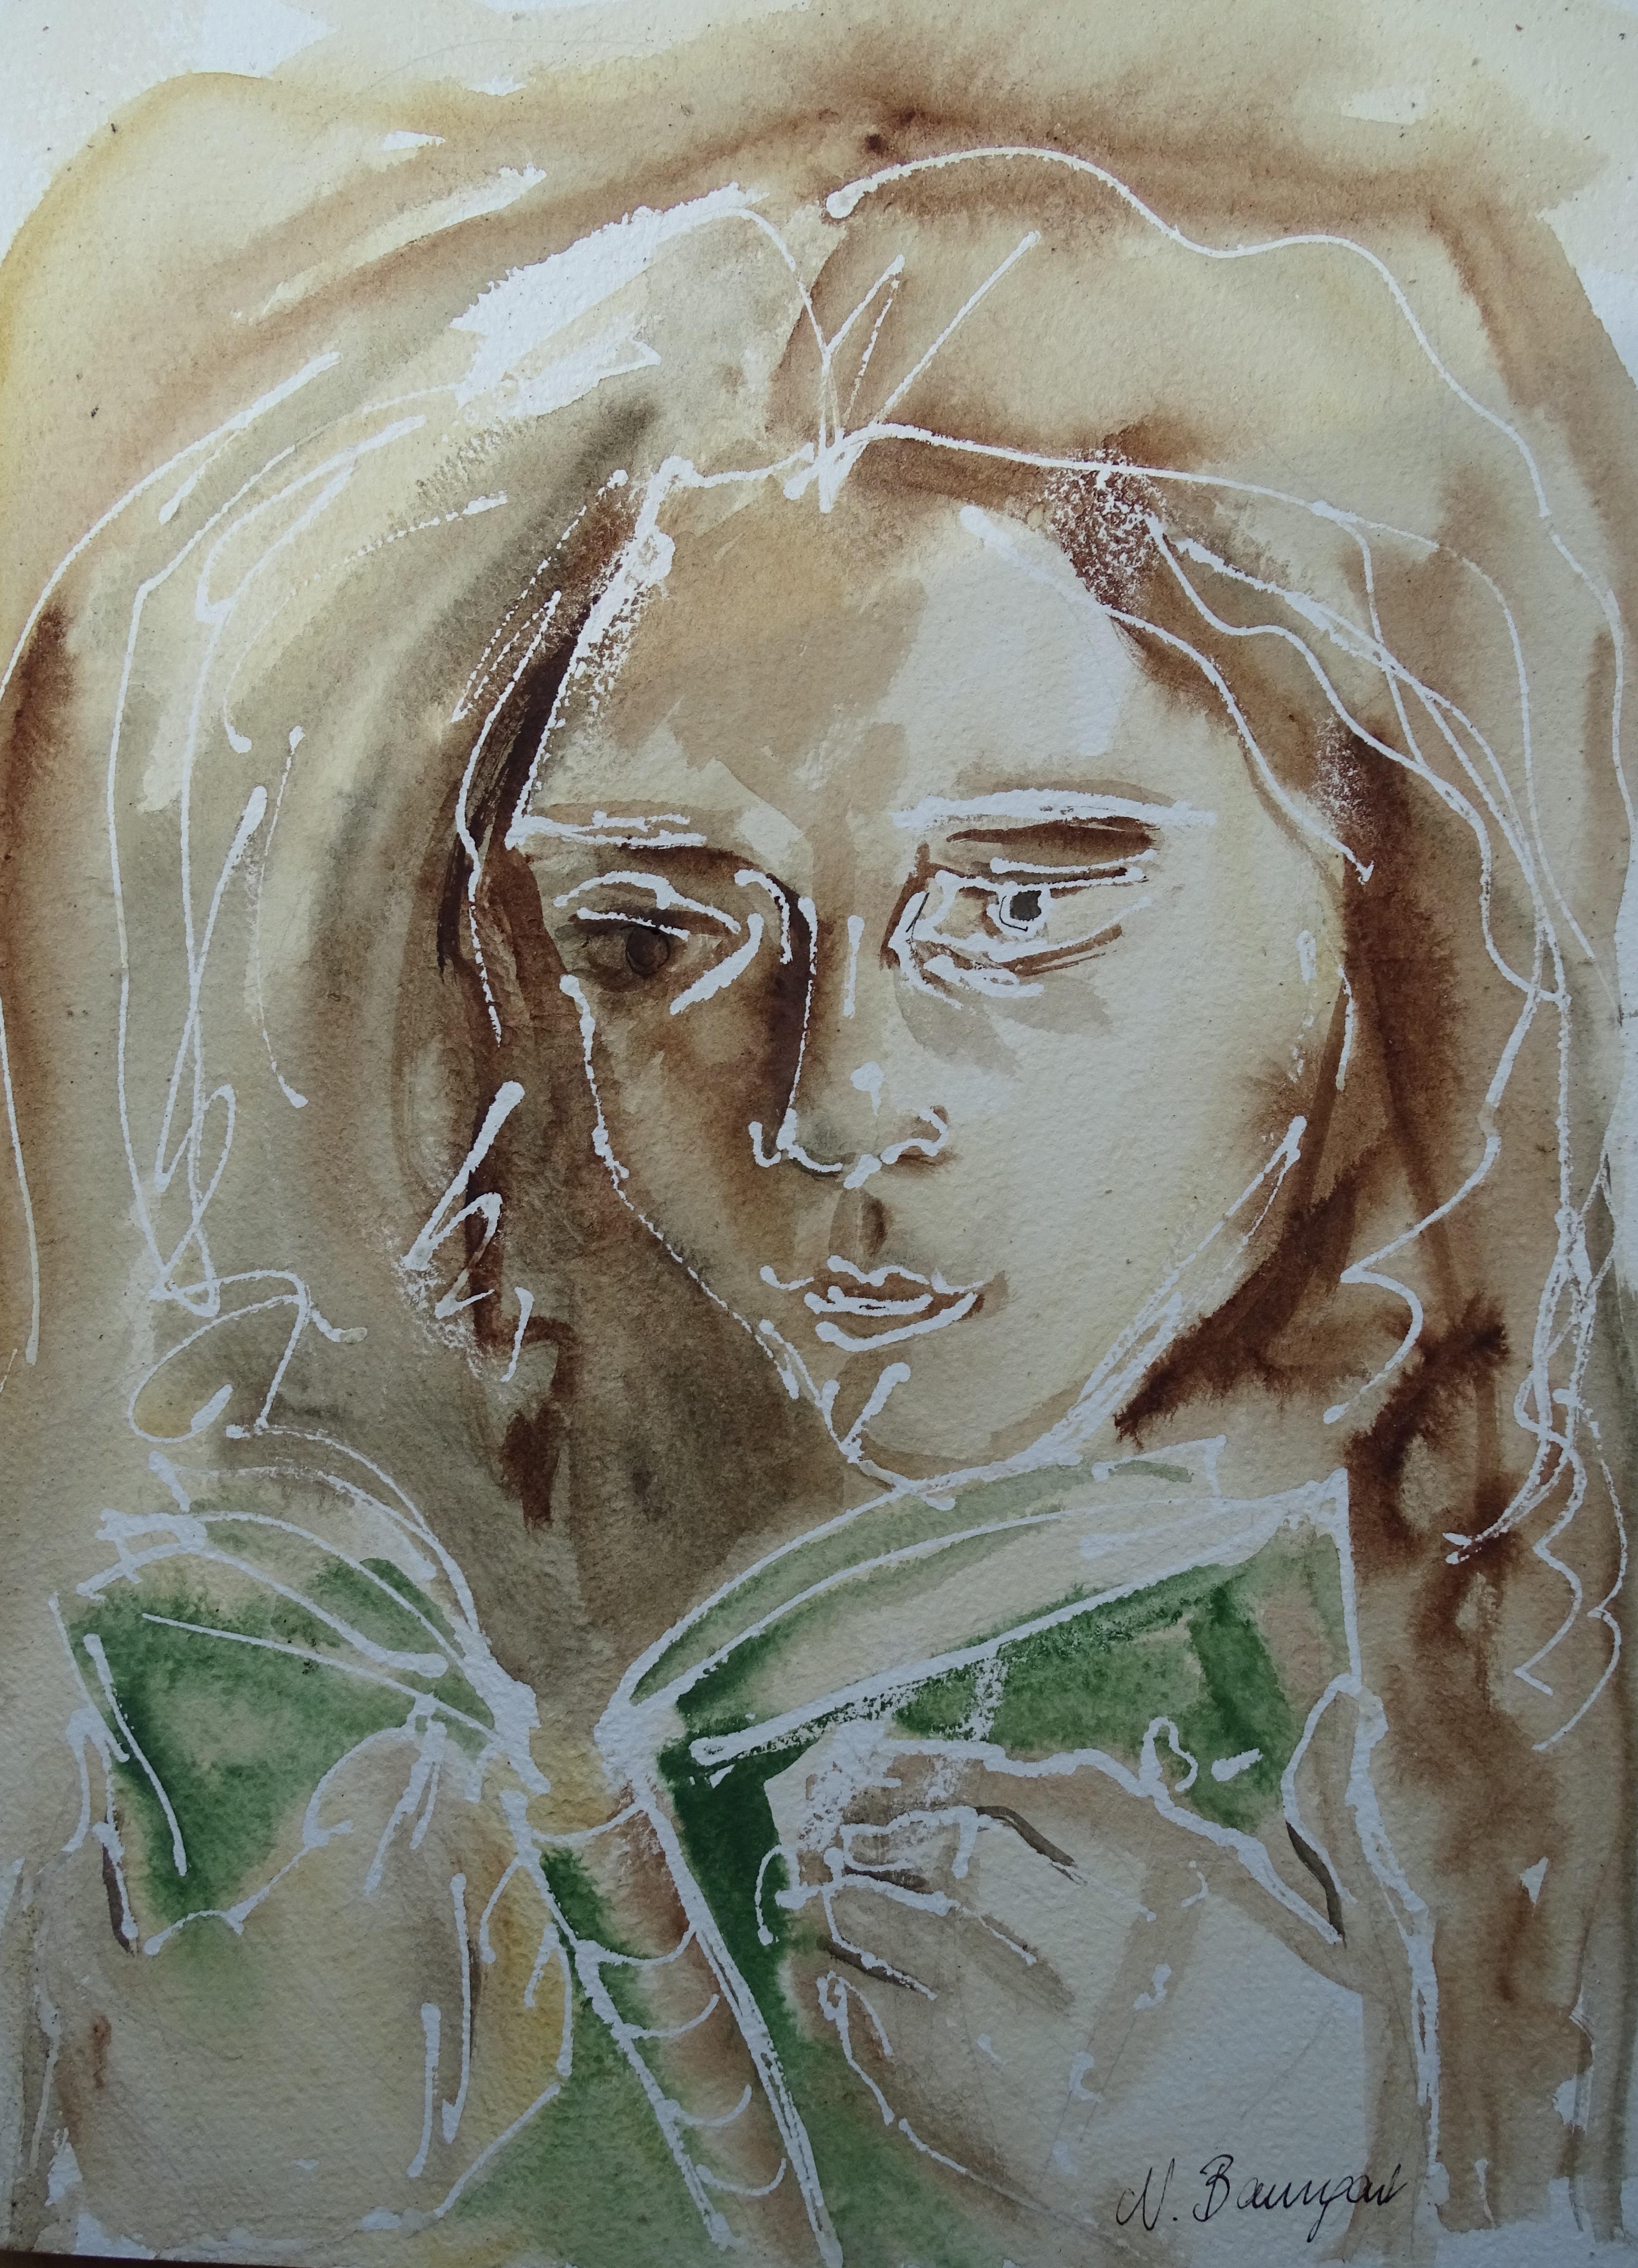 Lesen-Aquarell-Watercolour-Nadia-Nashed-Baumgart (2)